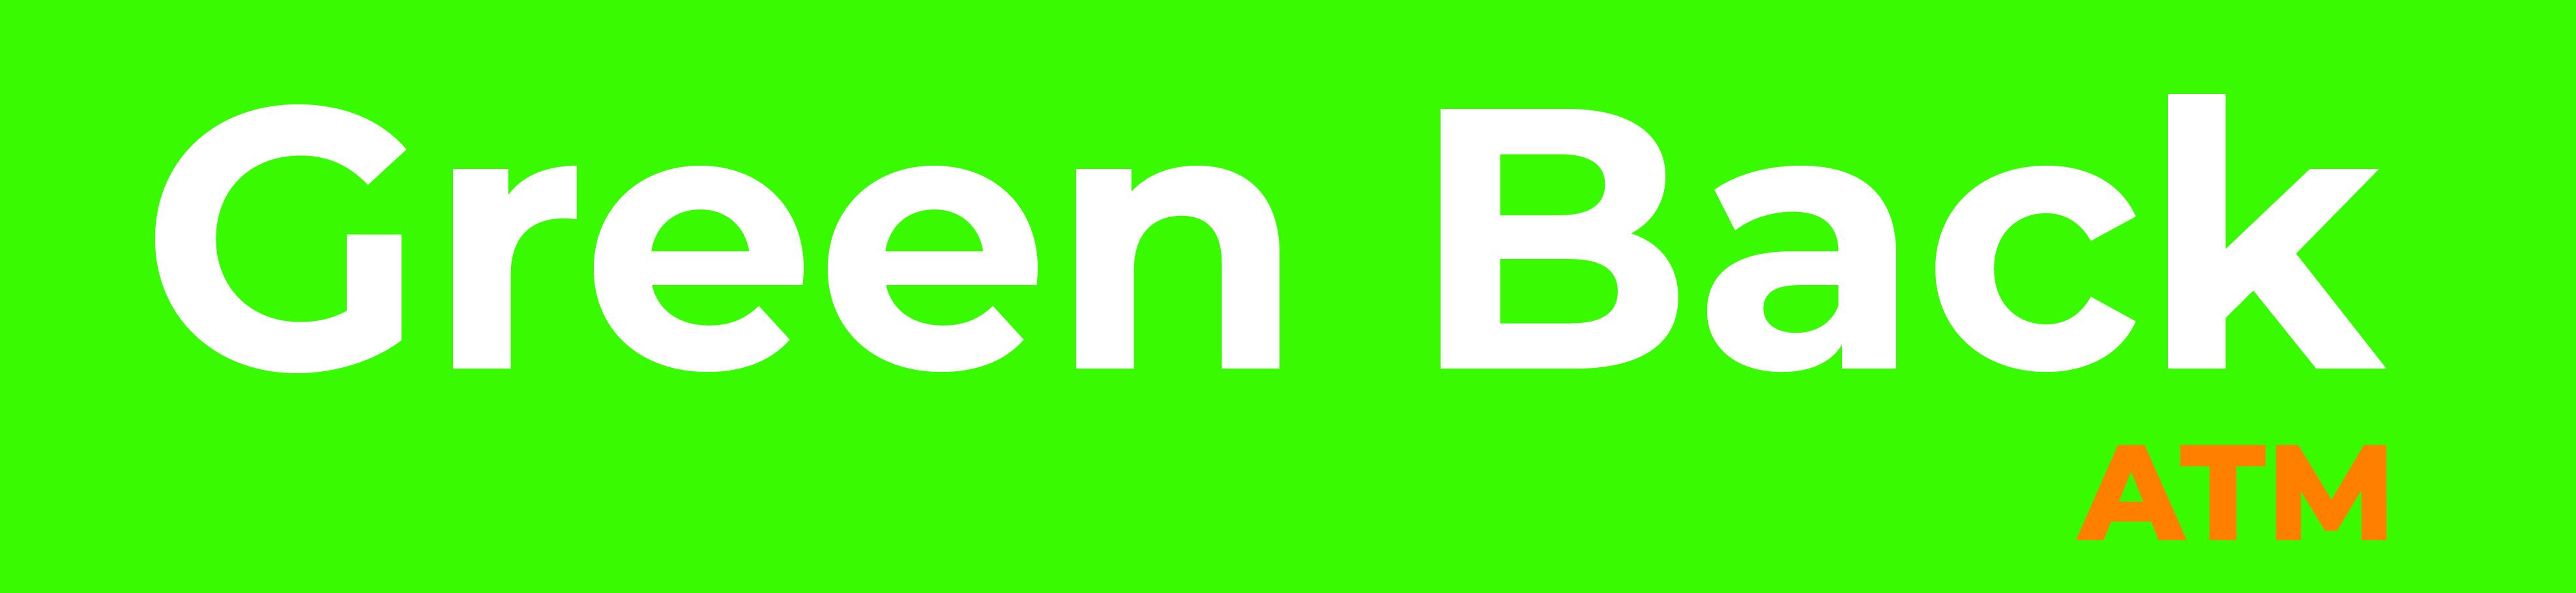 Earnings Disclaimer >> Earnings Disclaimer Green Back Atm